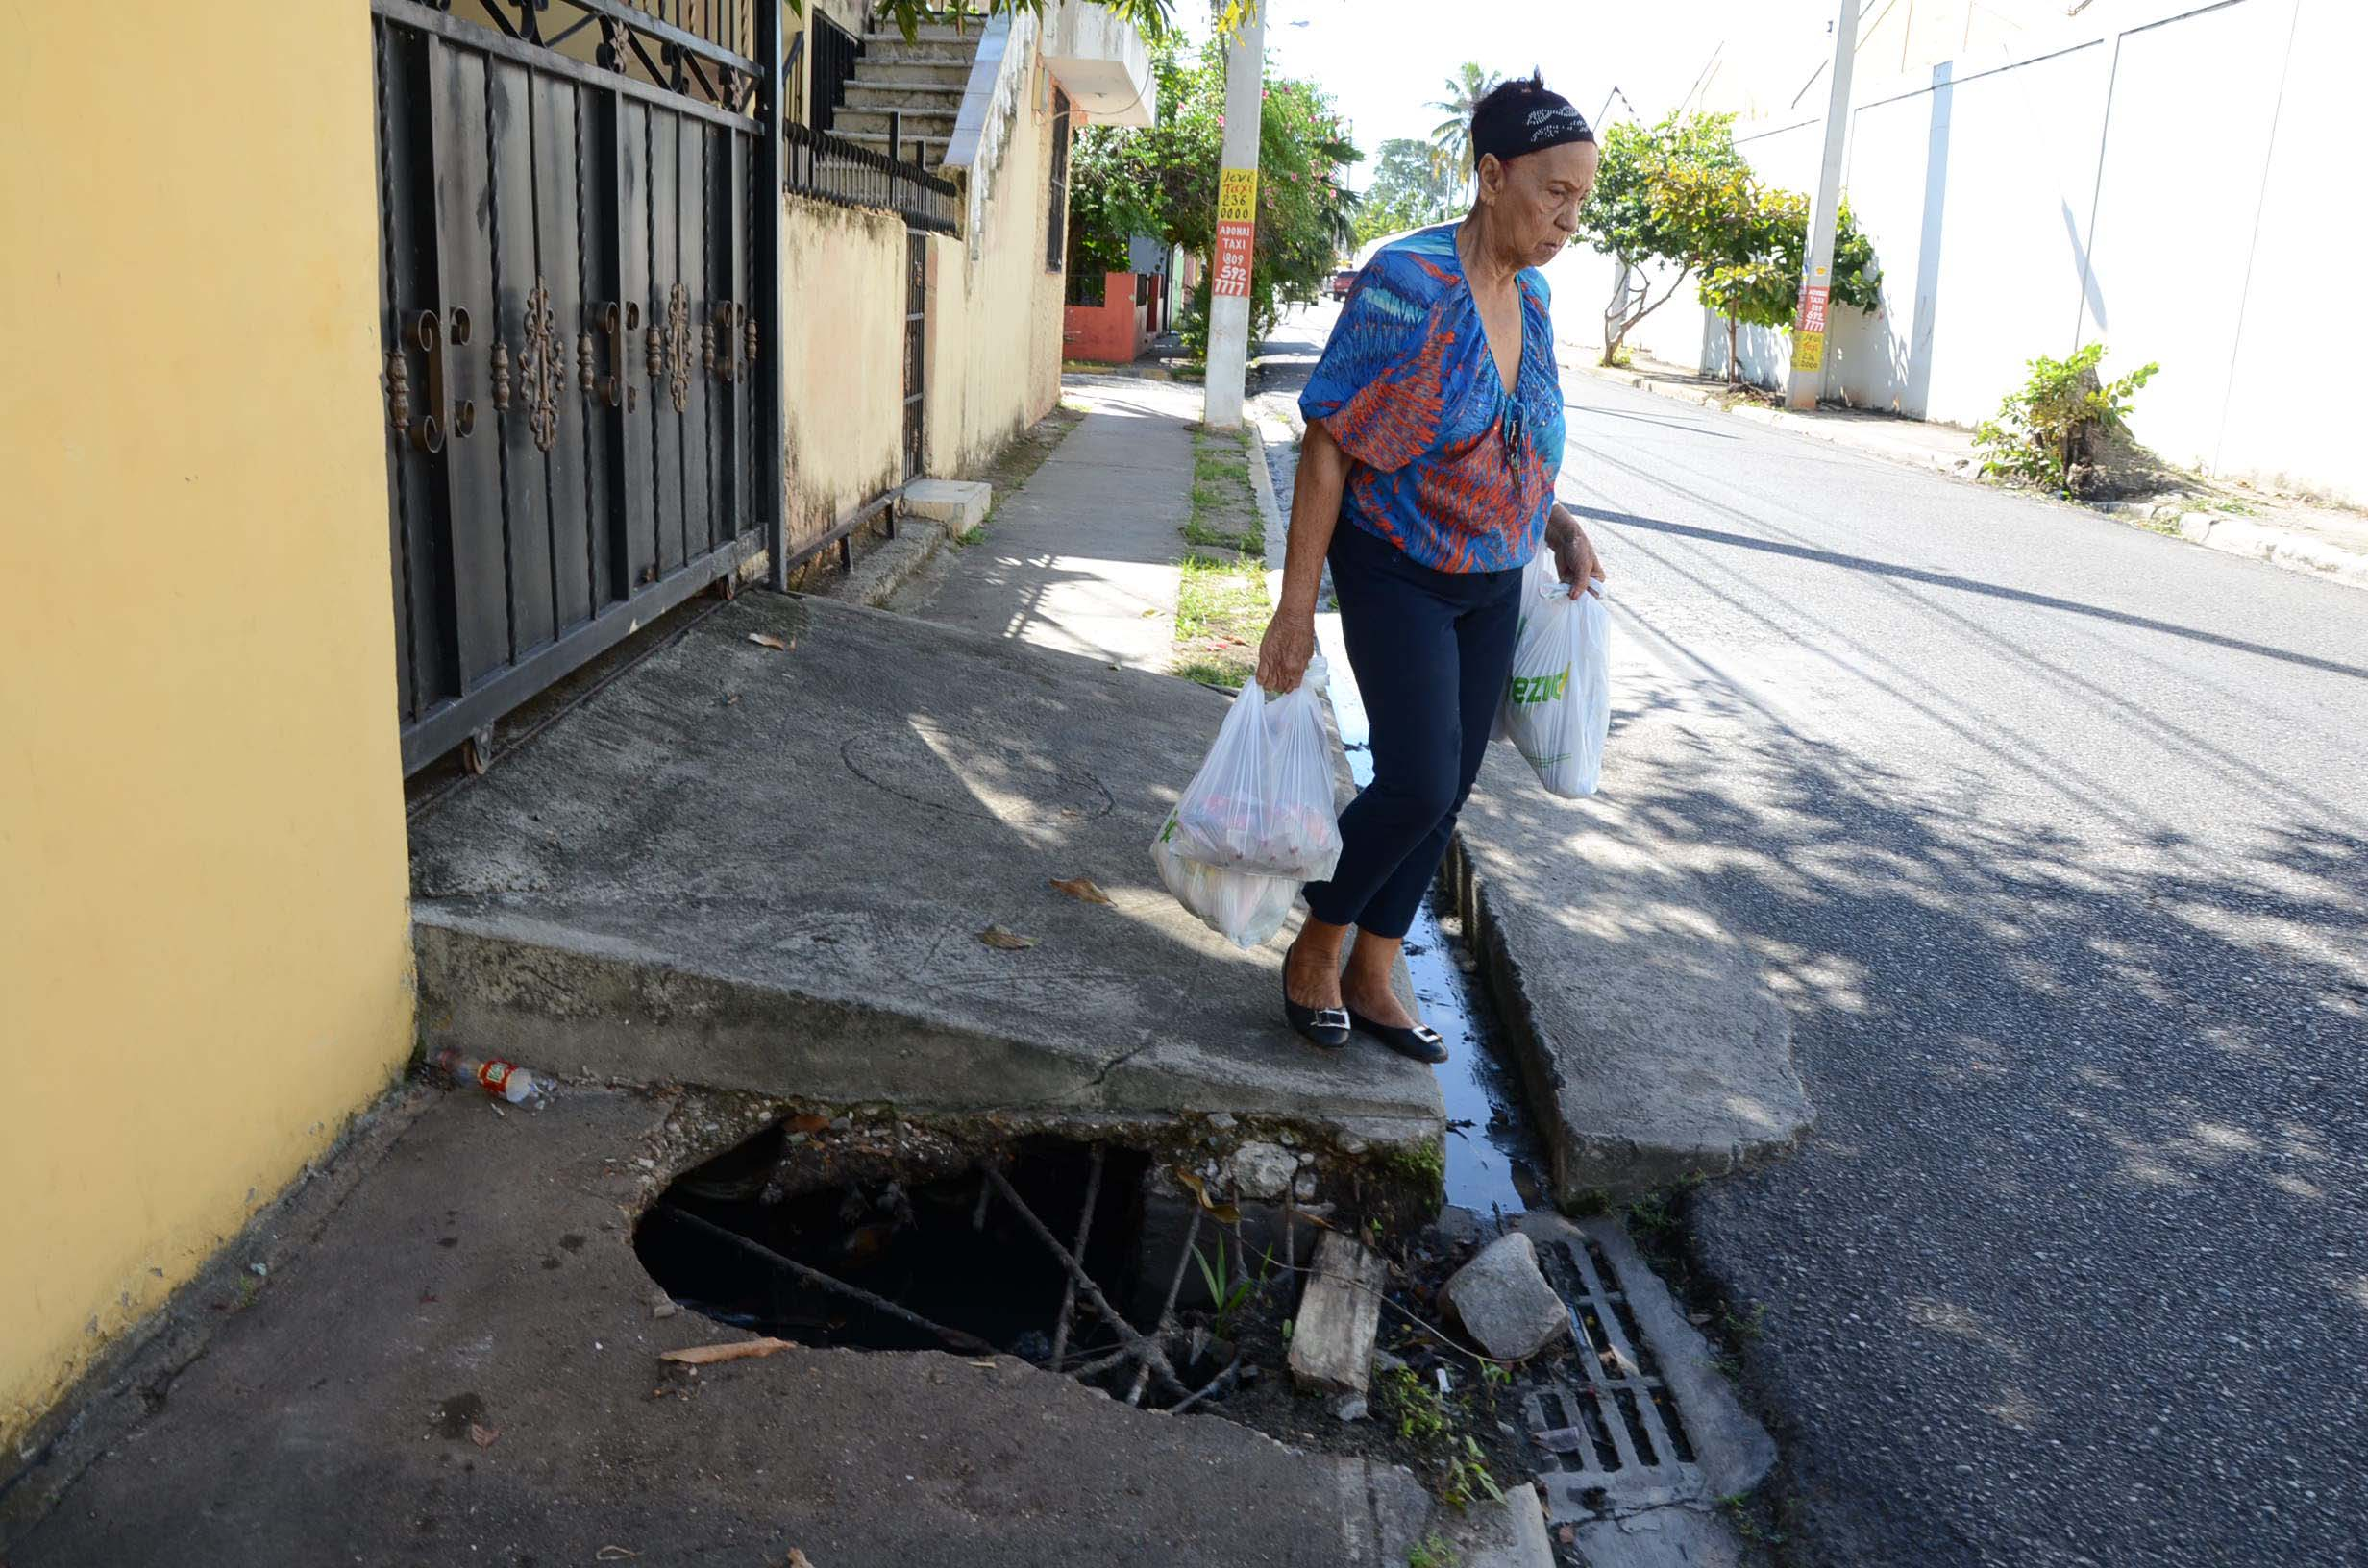 Hoyo donde cayó Ayalivis Ramírez, ubicado en la calle Mercedes Moscoso del sector de Villa Faro, zona oriental.   Jose de león